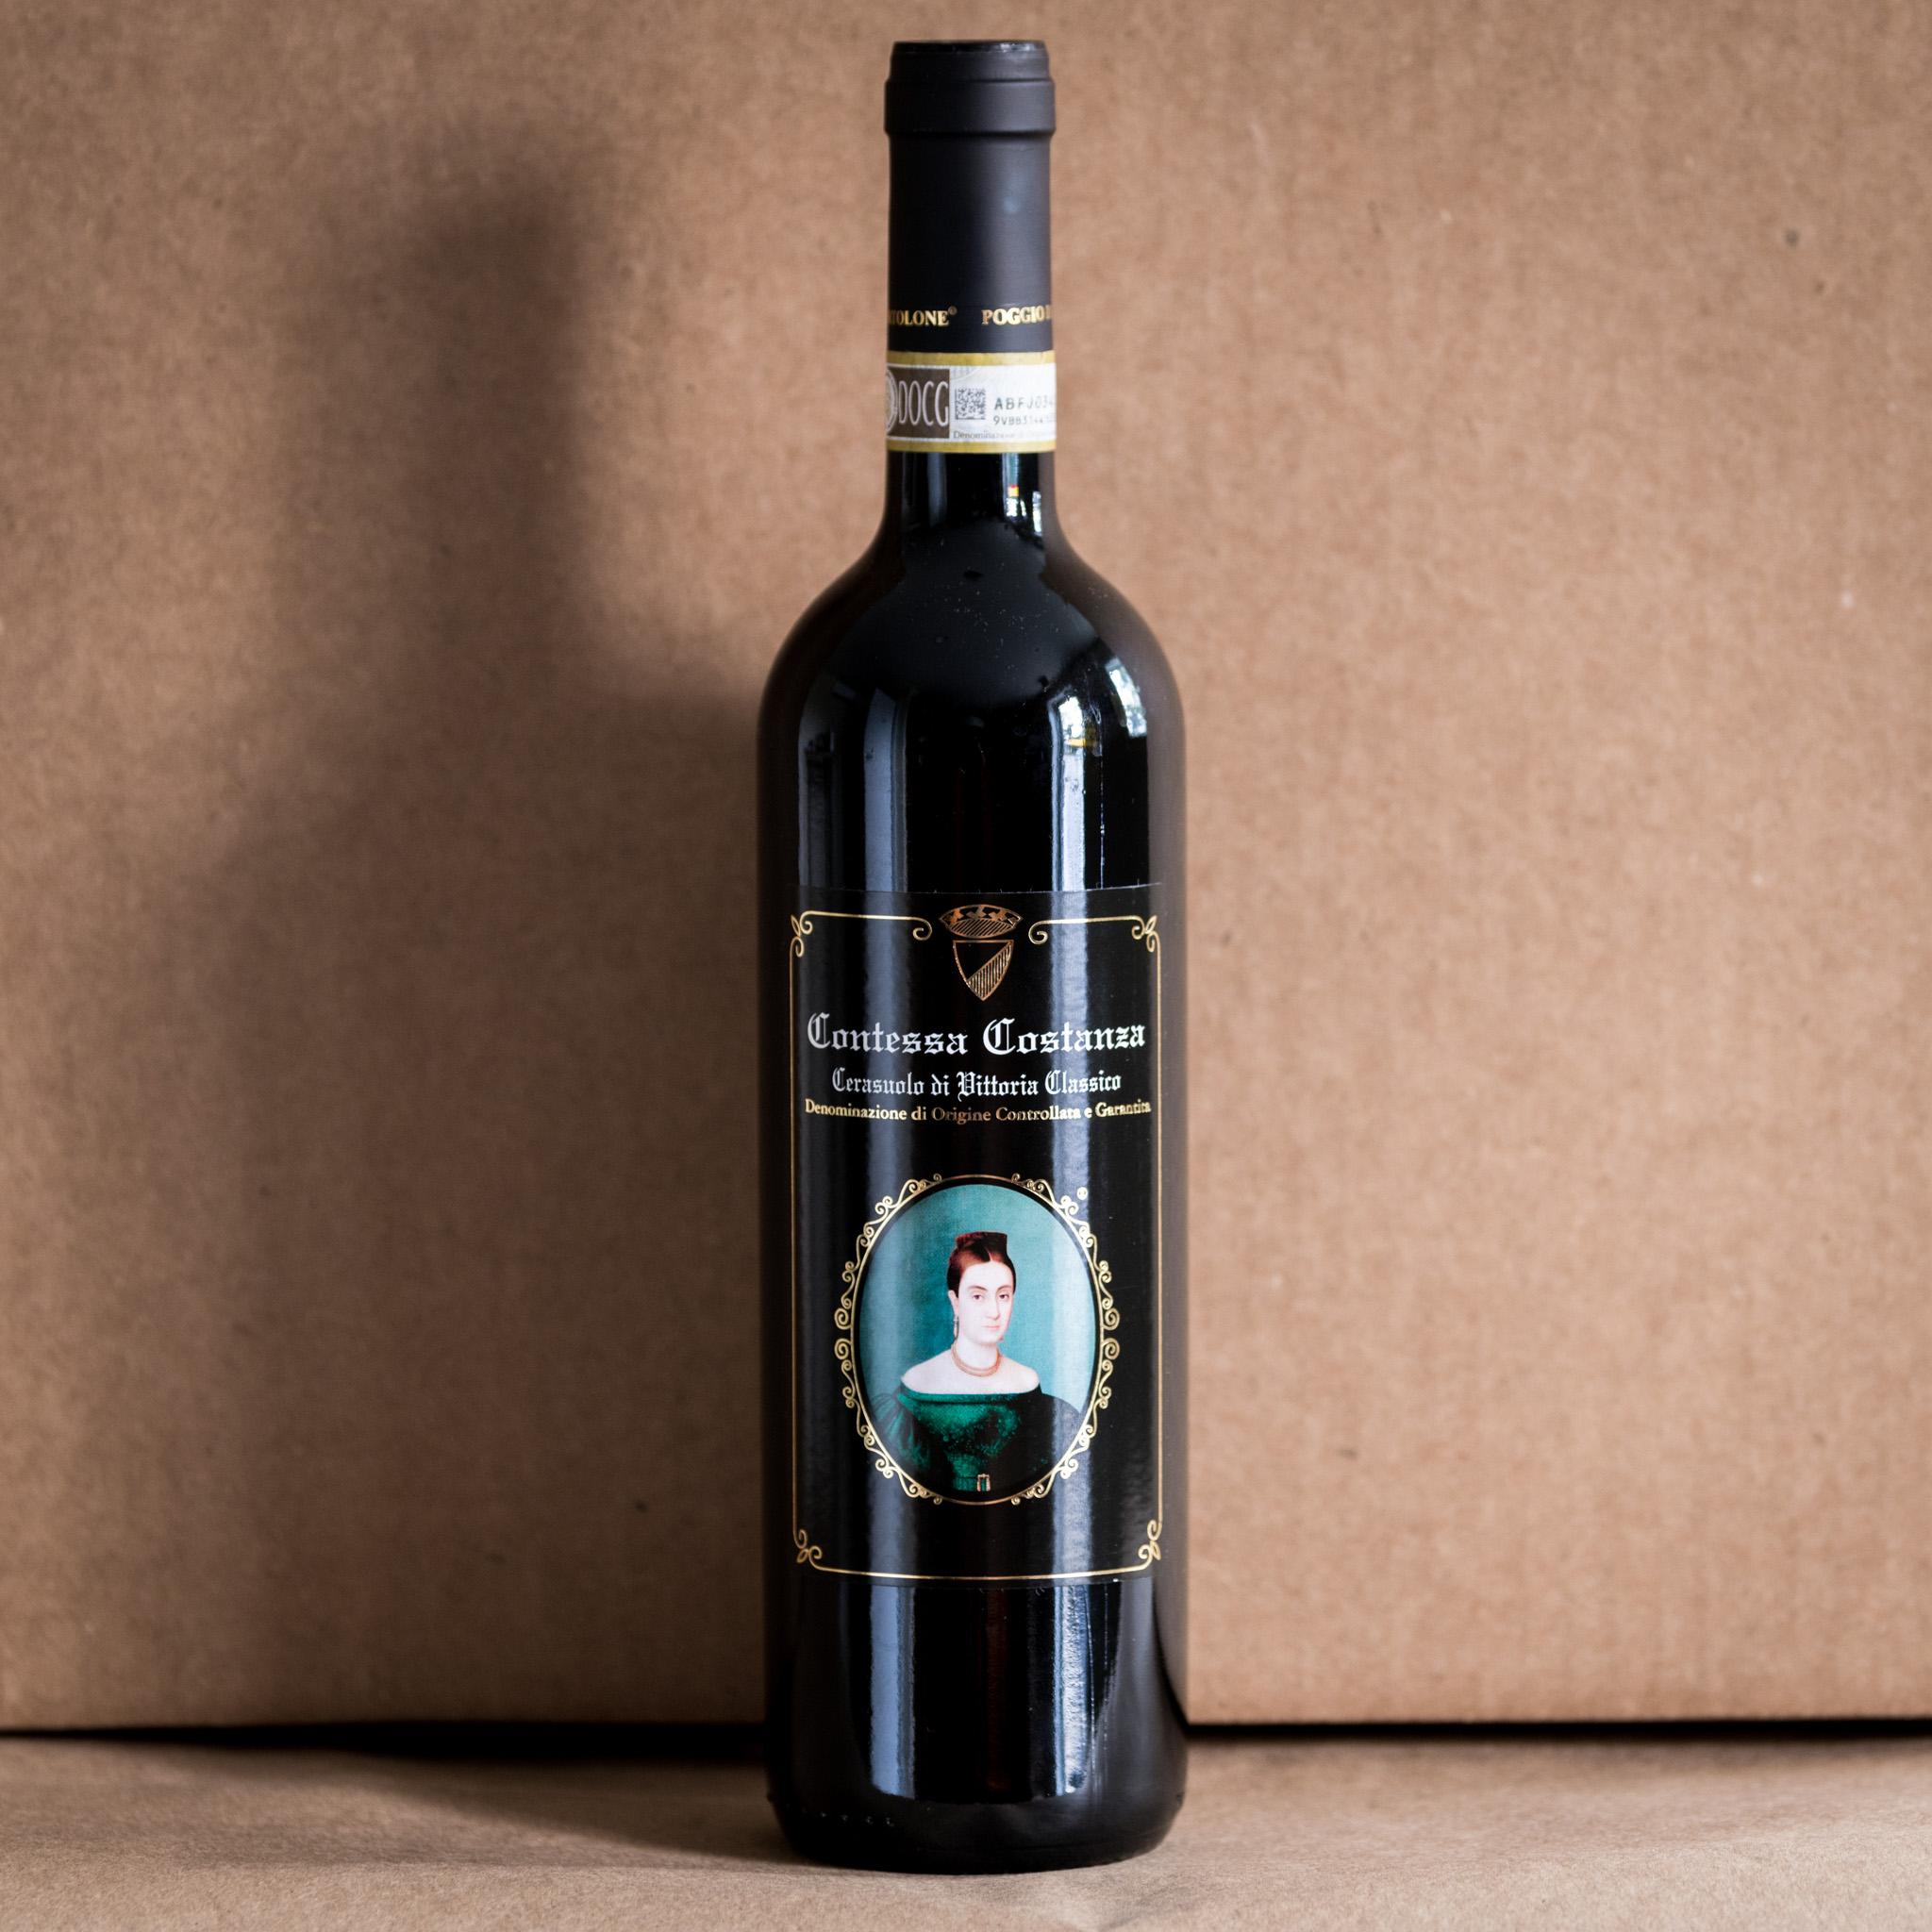 Product - Bortolone Costanza Cerasuolo di Vittoria Classico.jpg